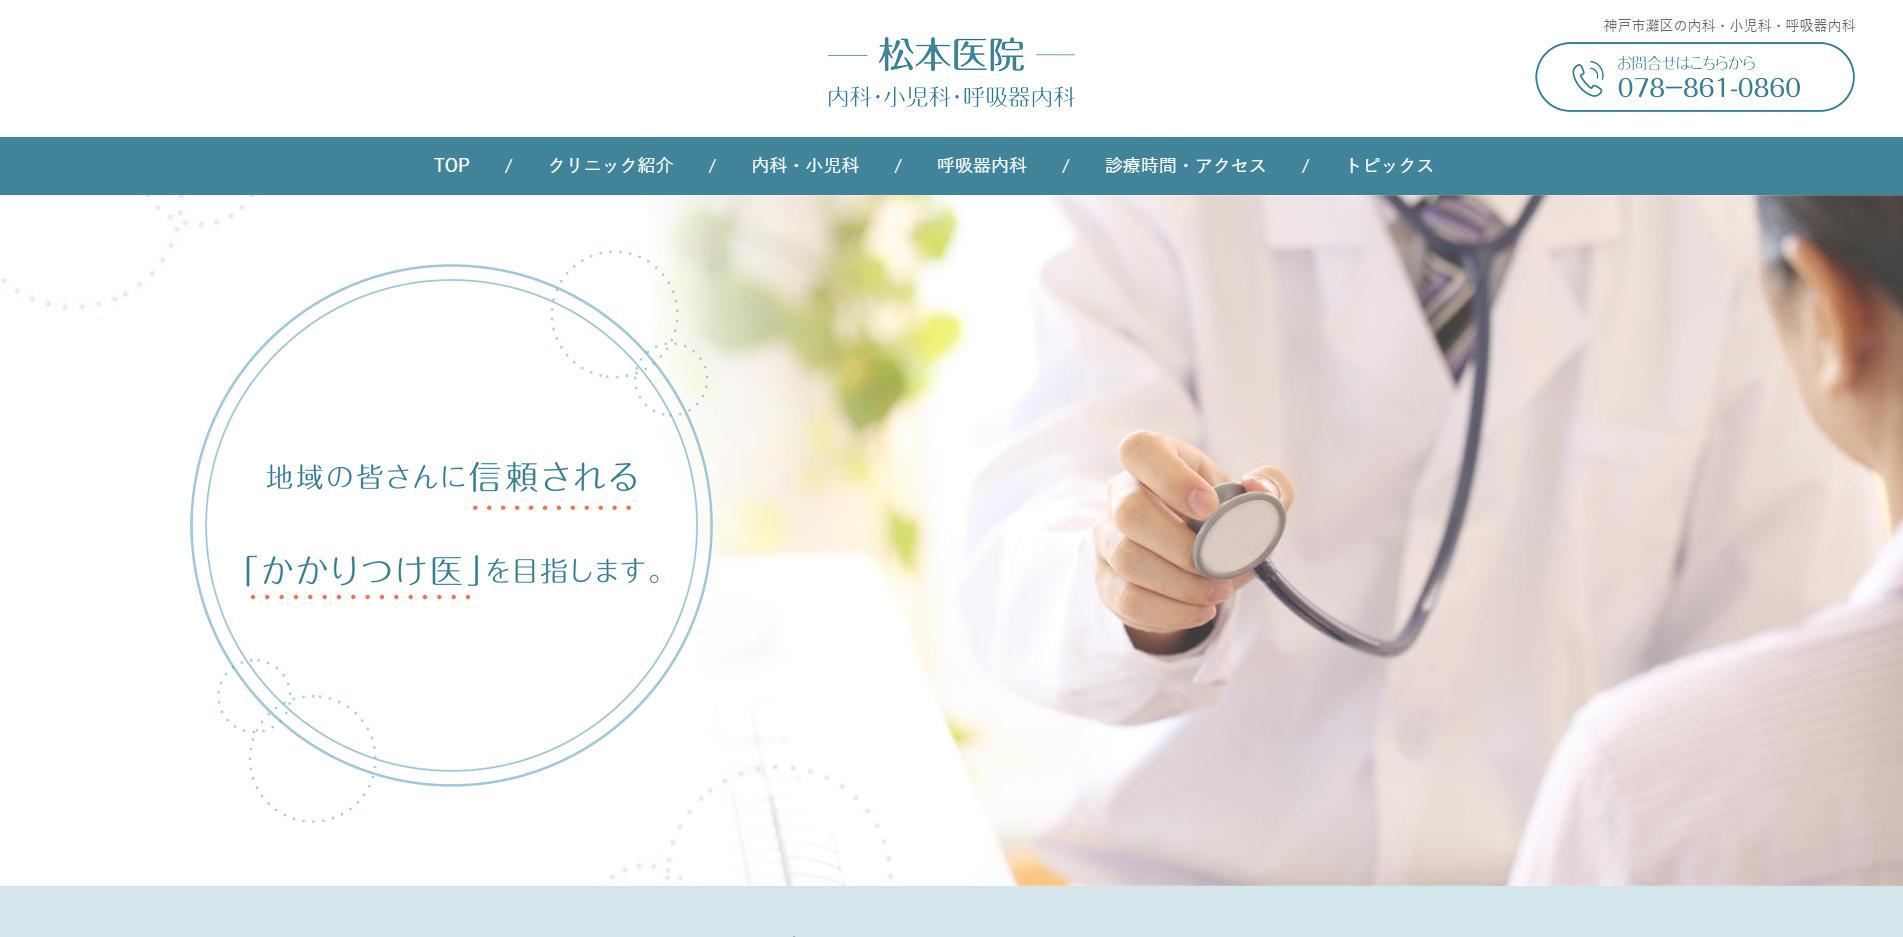 松本医院ホームページ